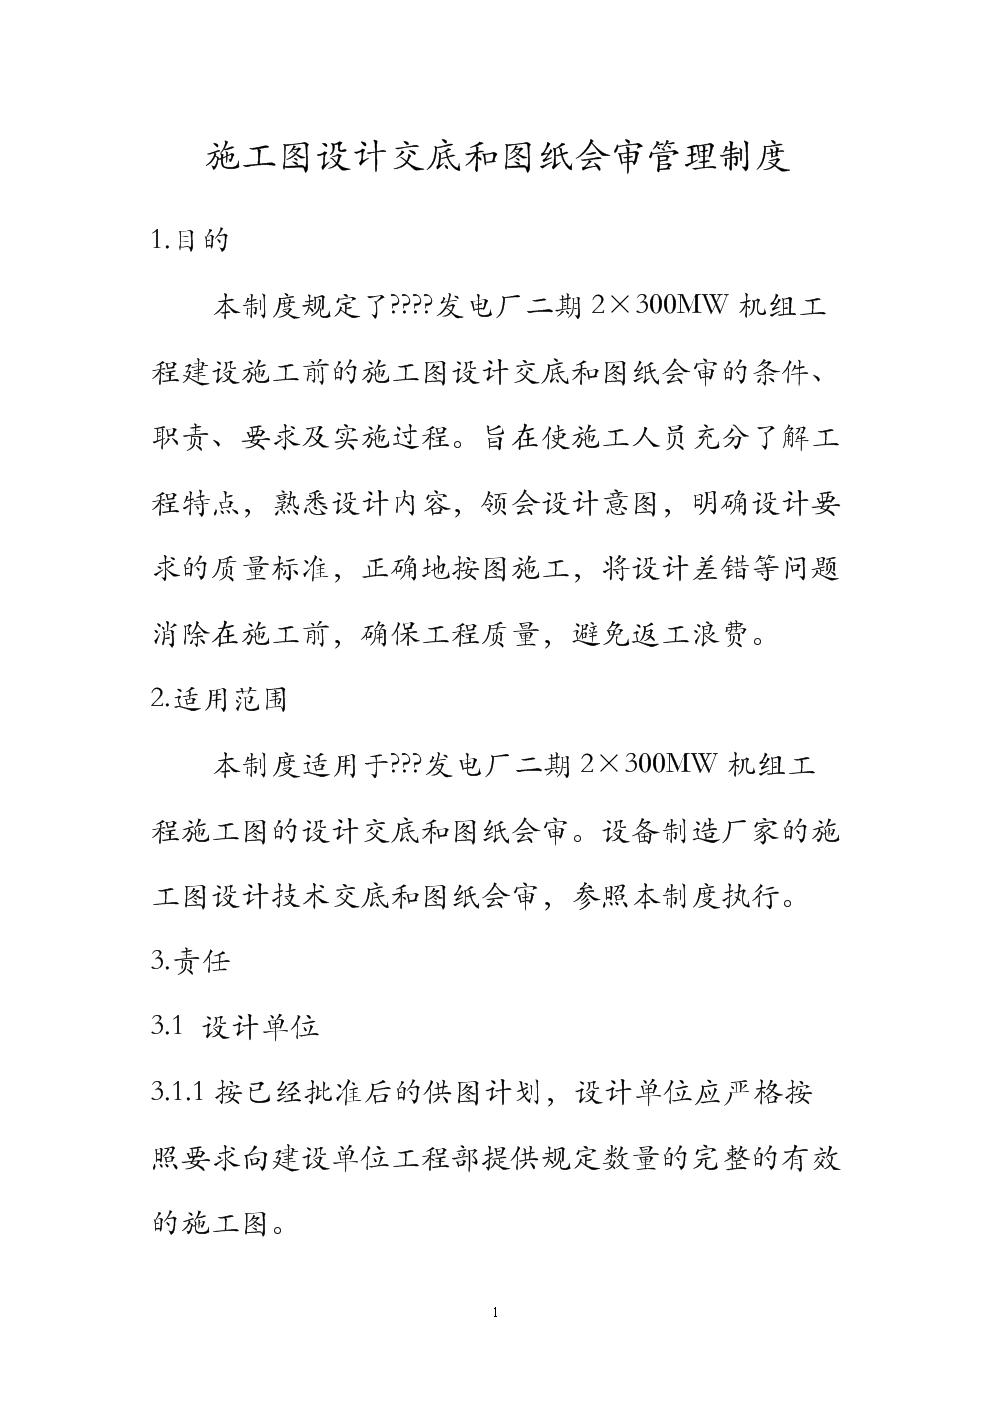 施工图设计交底和图纸会审管理制度.doc